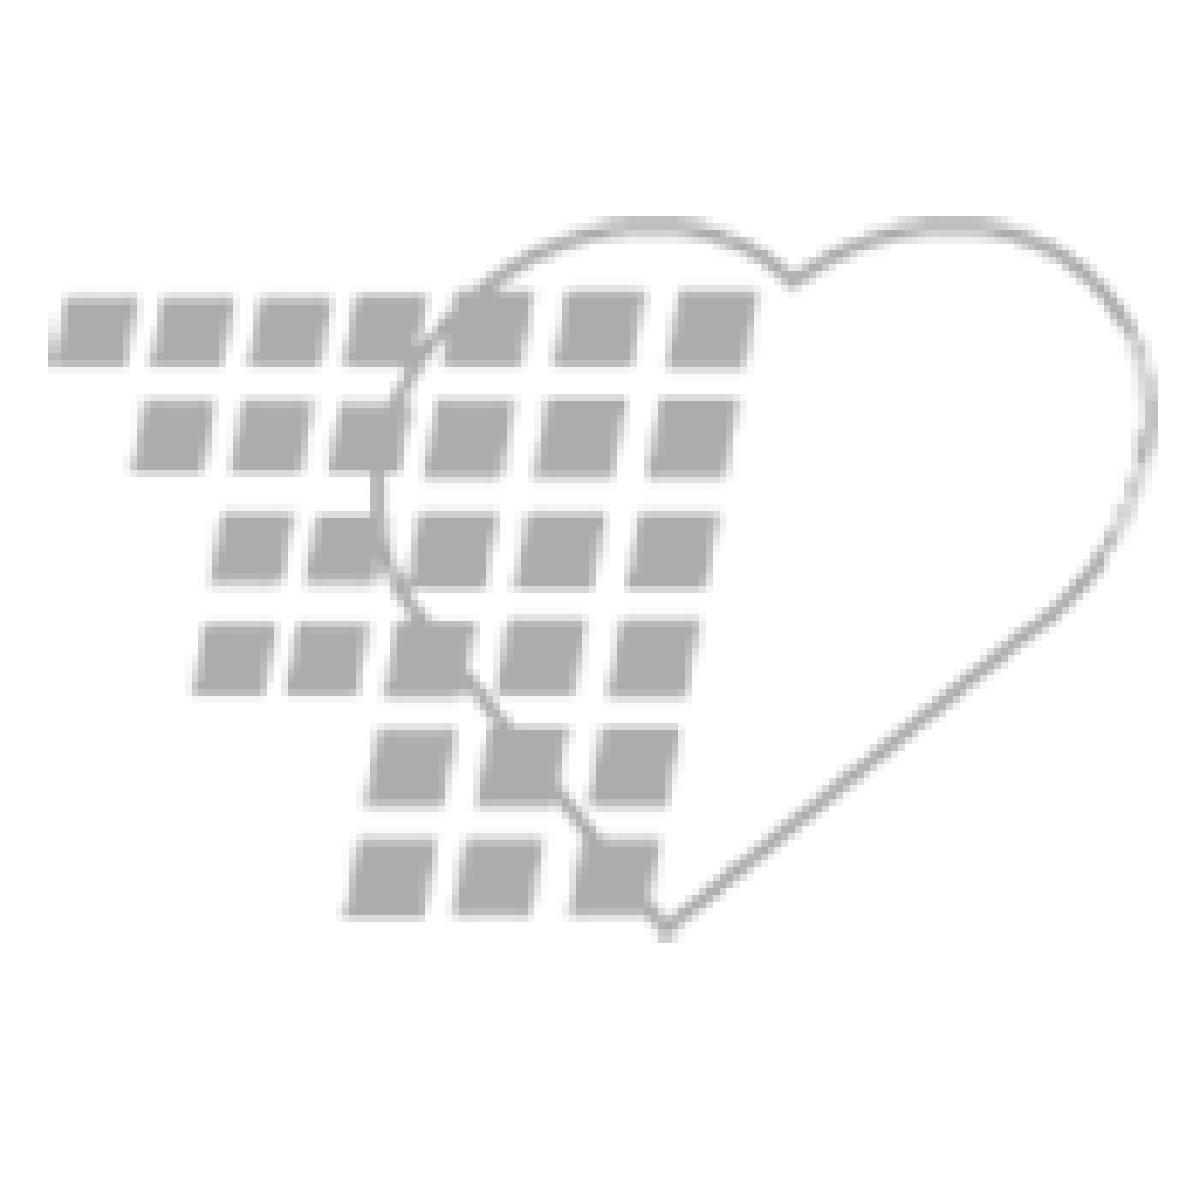 06-93-1359 - Demo Dose® Ora - Swet SF - 473 mL Pint